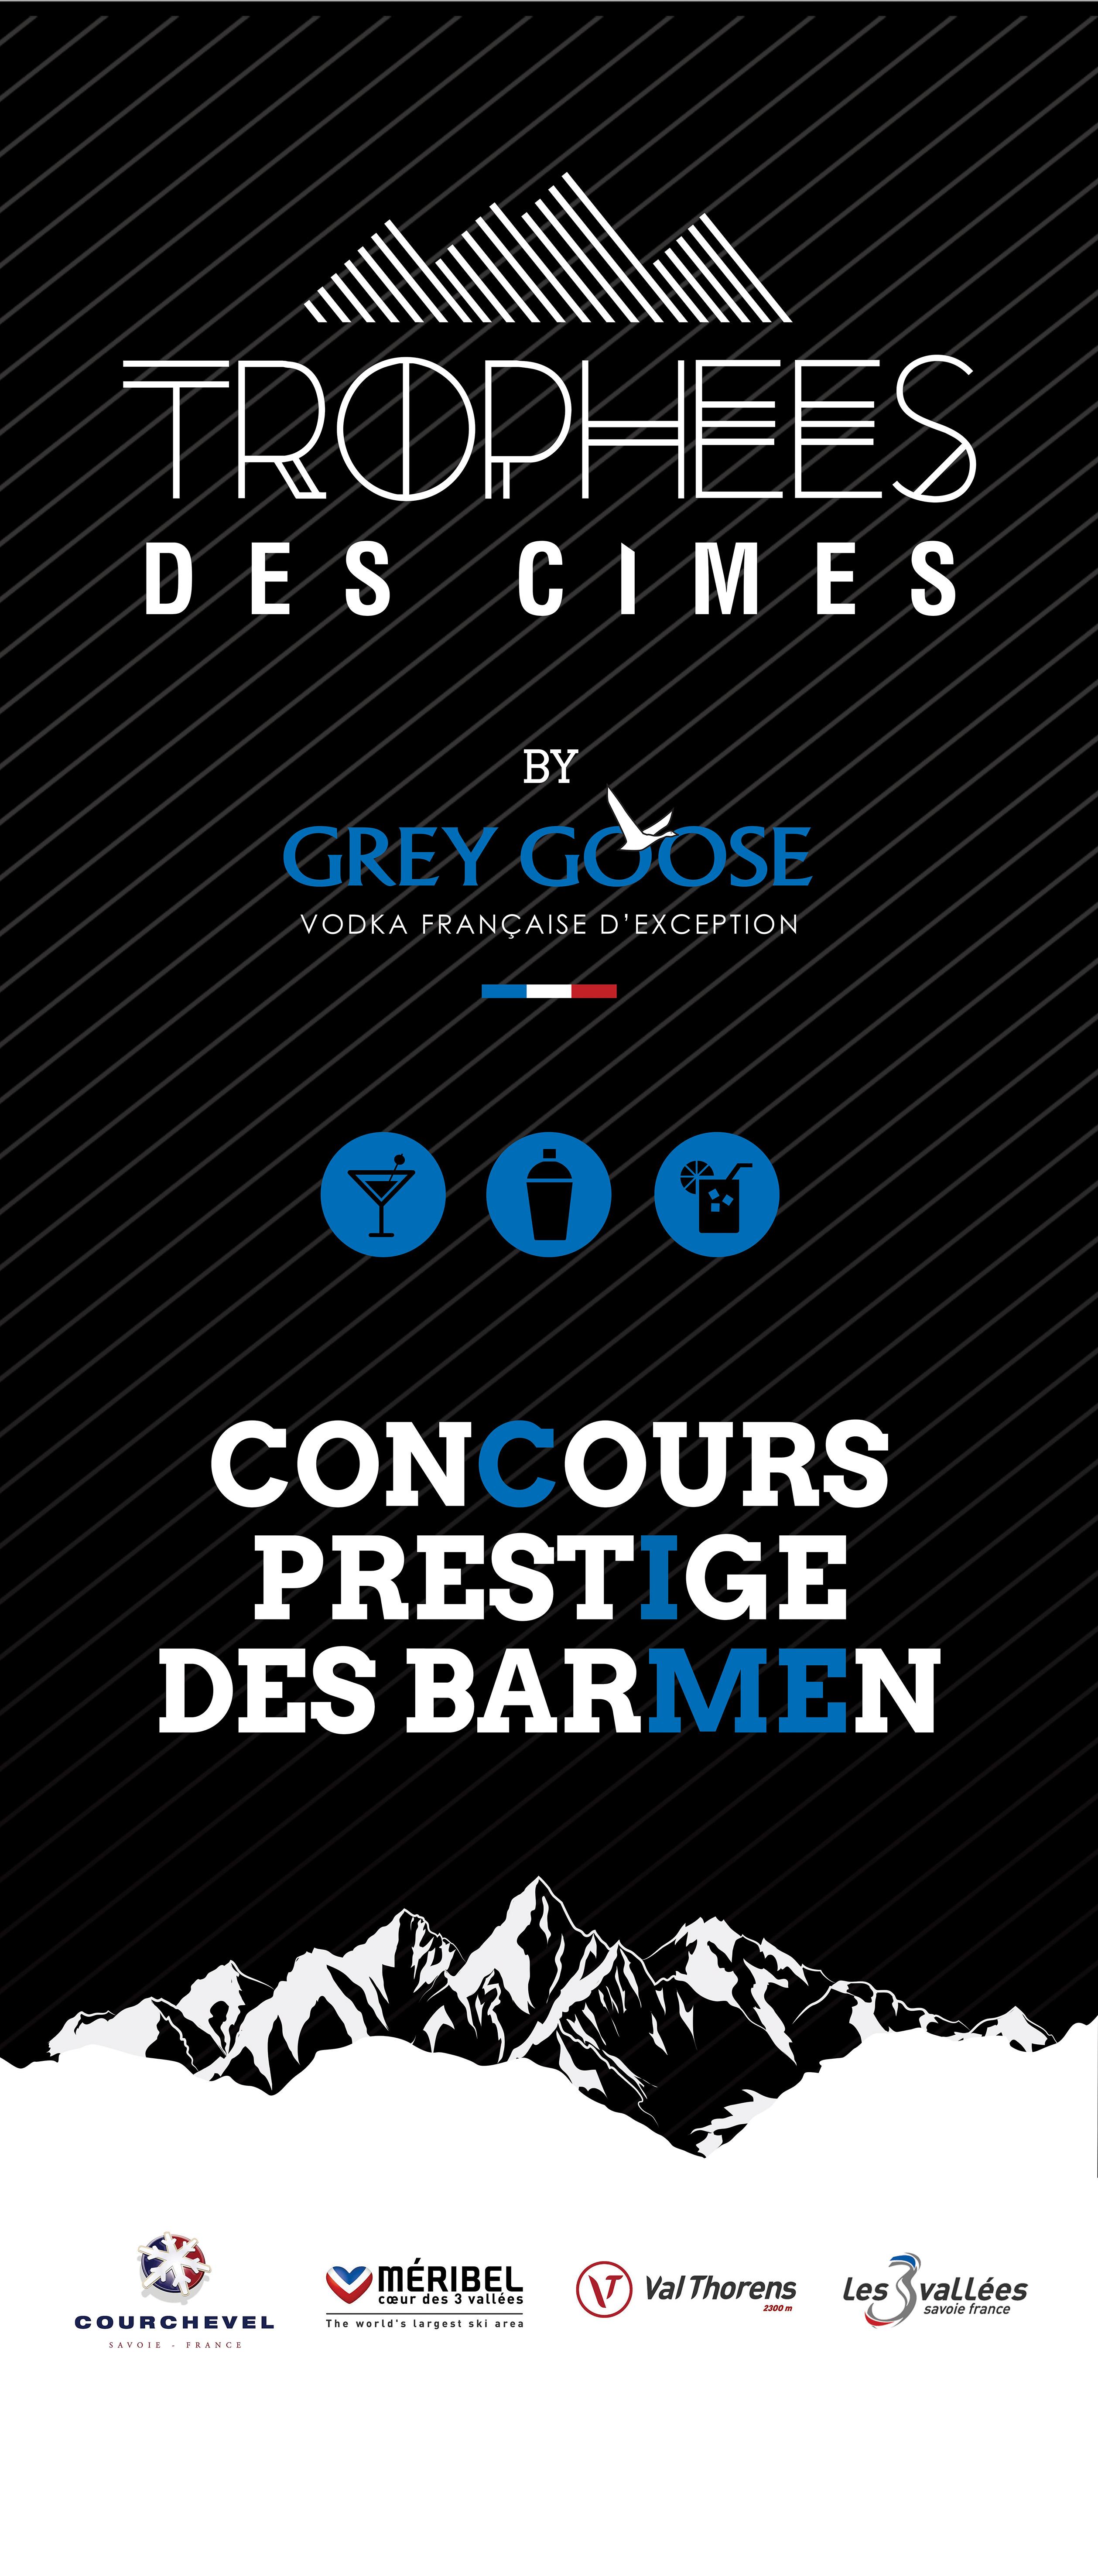 Infosbar Inside : 4ème édition du Trophées des cimes by Grey Goose